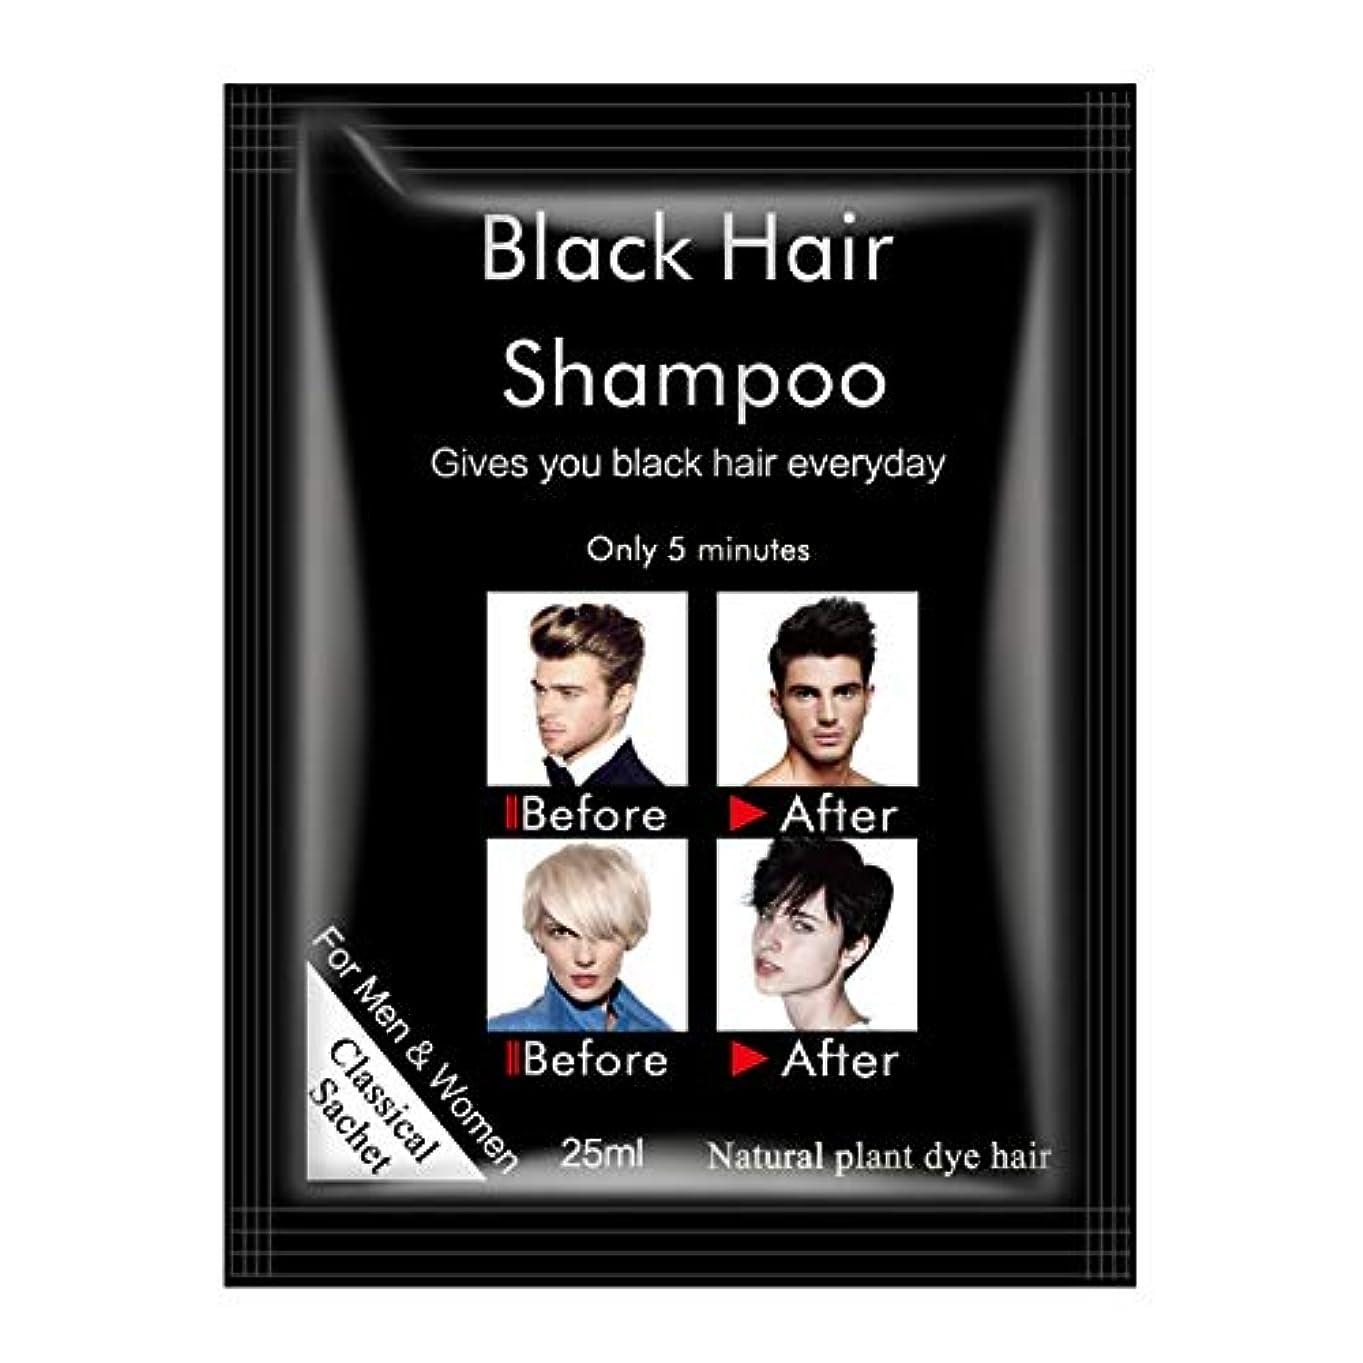 刺激なし染毛剤 シャンプー 速い着色 カラーシャンプー ファーストカラーリング 頭皮ケアシャンプー 育毛シャンプー Cutelove